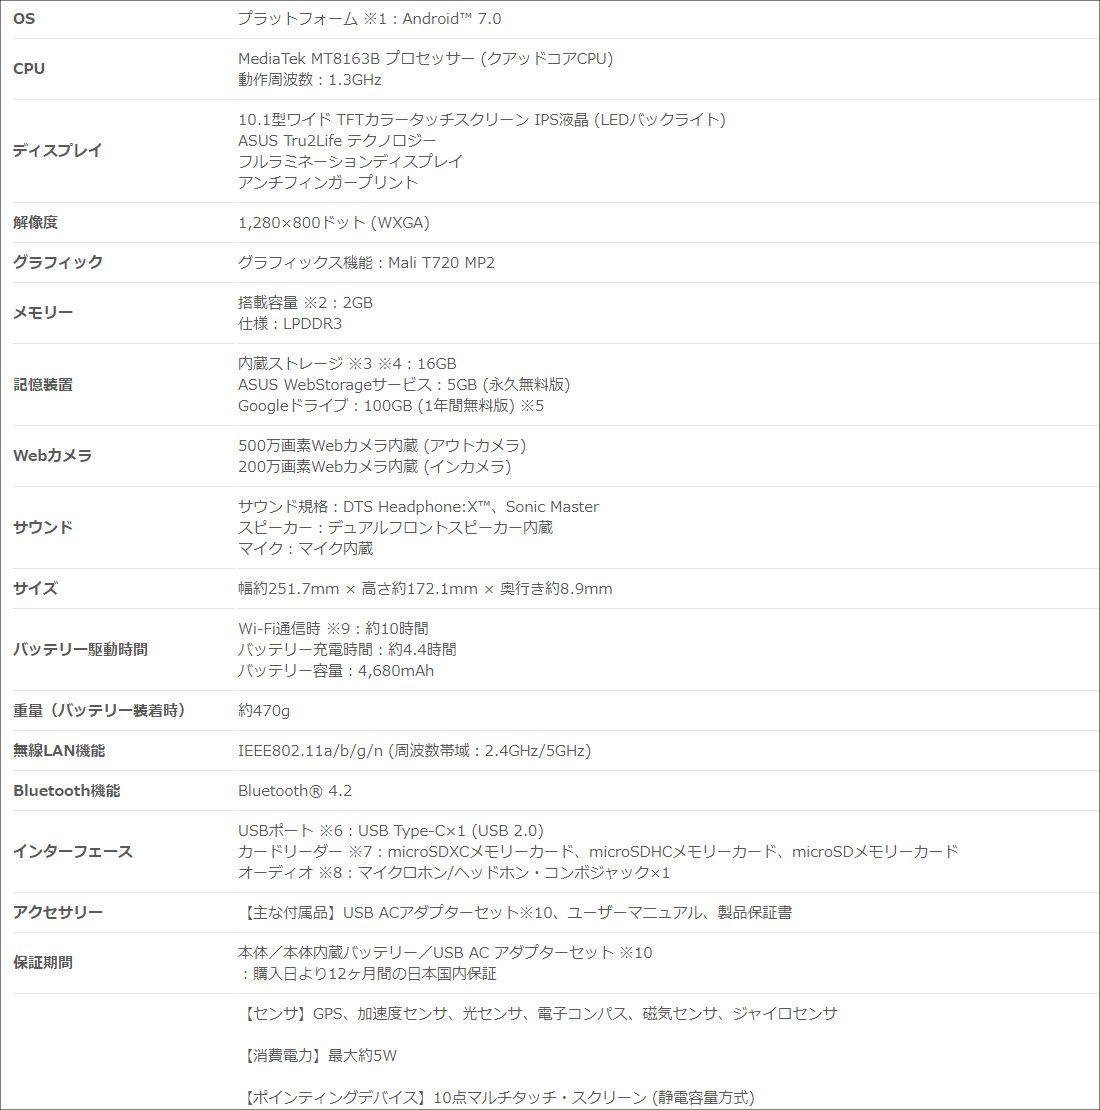 ASUS ZenPad 10(Z301M)スペック表